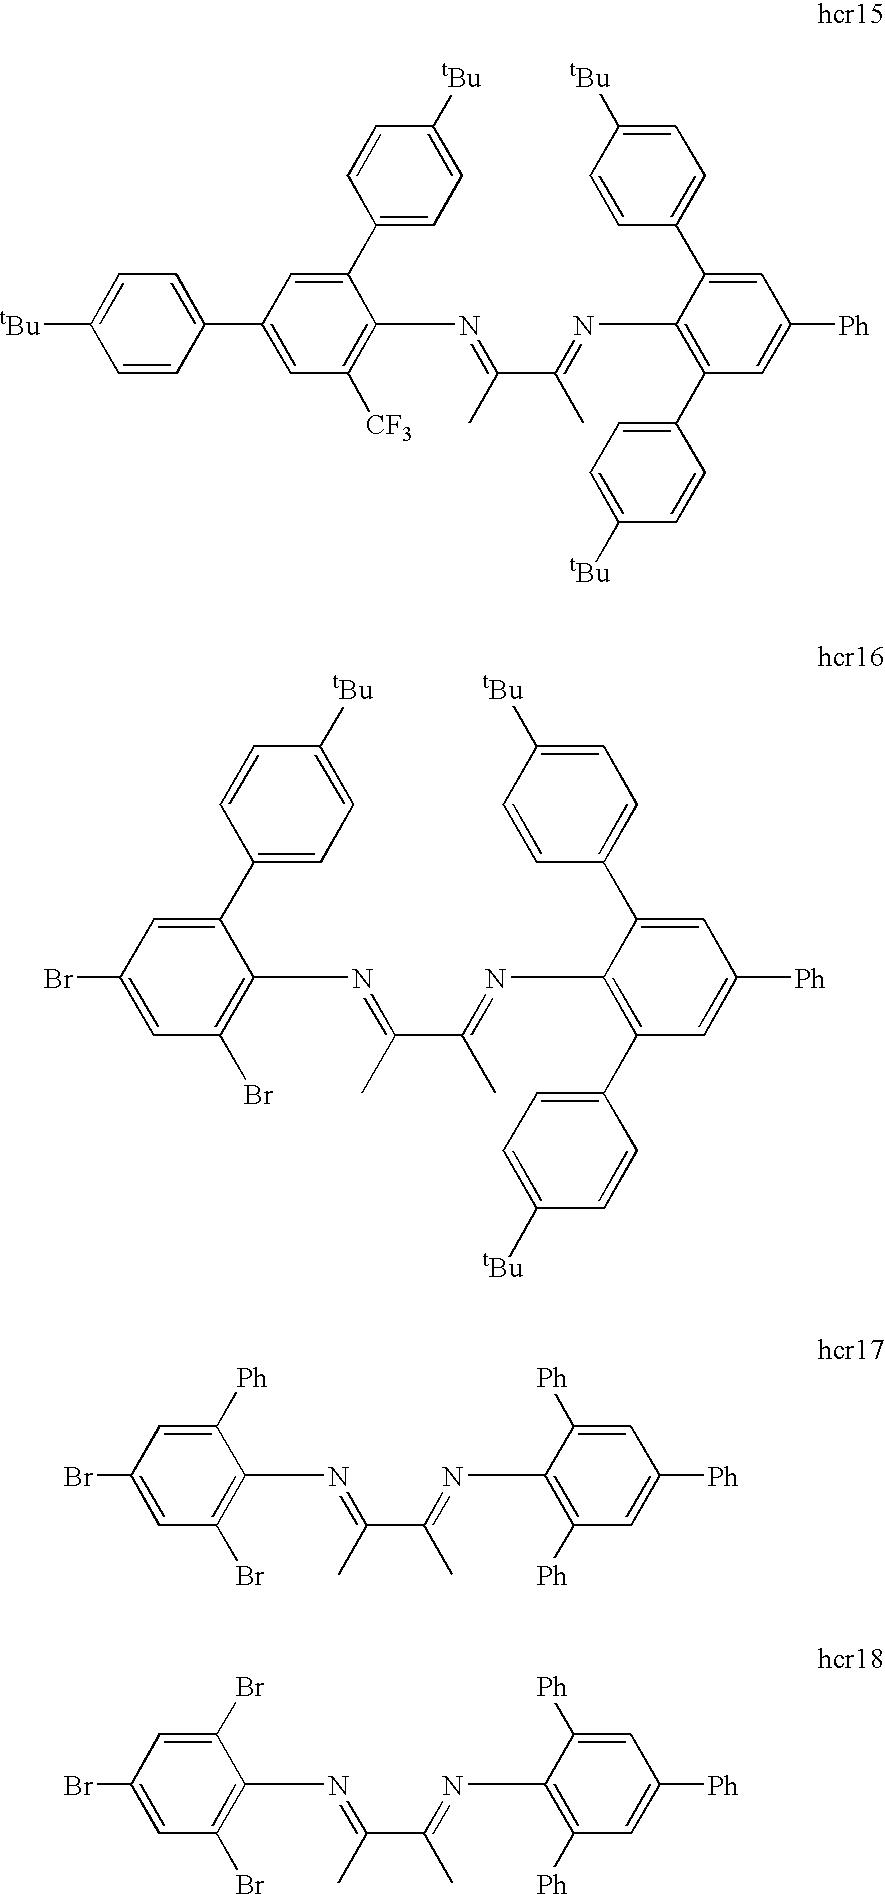 Figure US20040127658A1-20040701-C00017